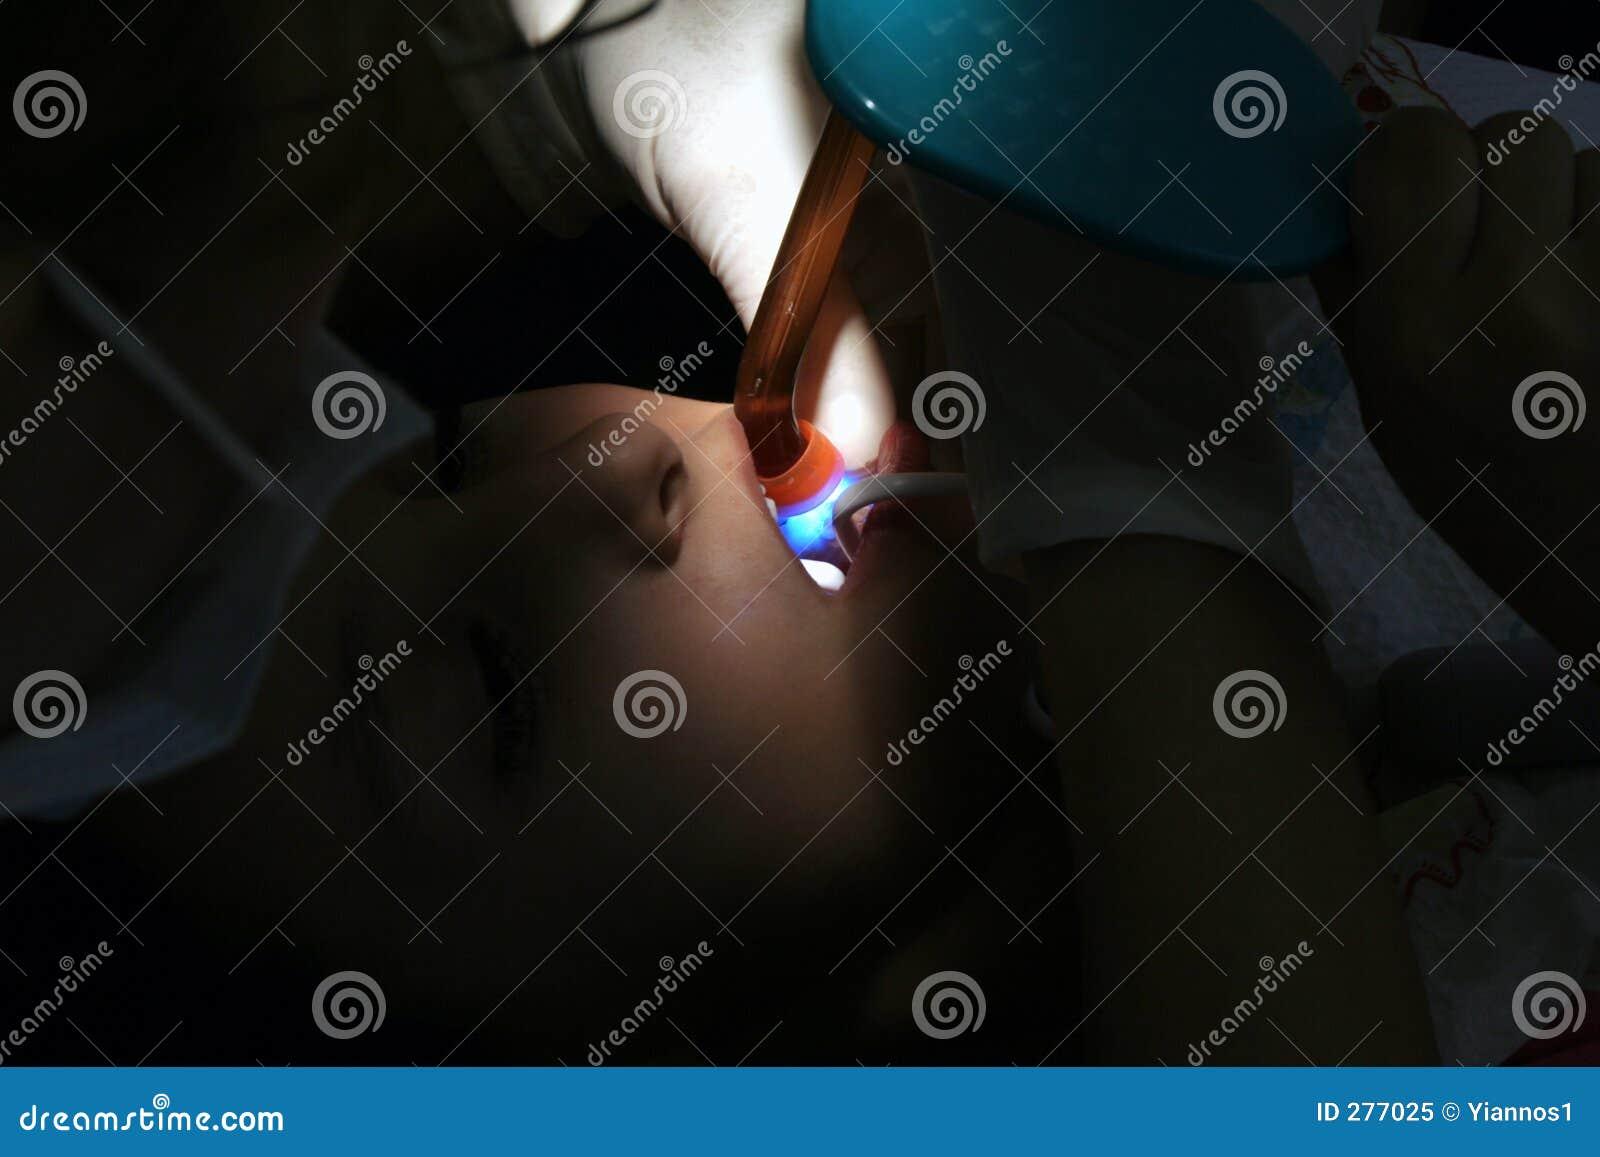 Tandarts die zorg neemt die ultraviolette stralen gebruikt